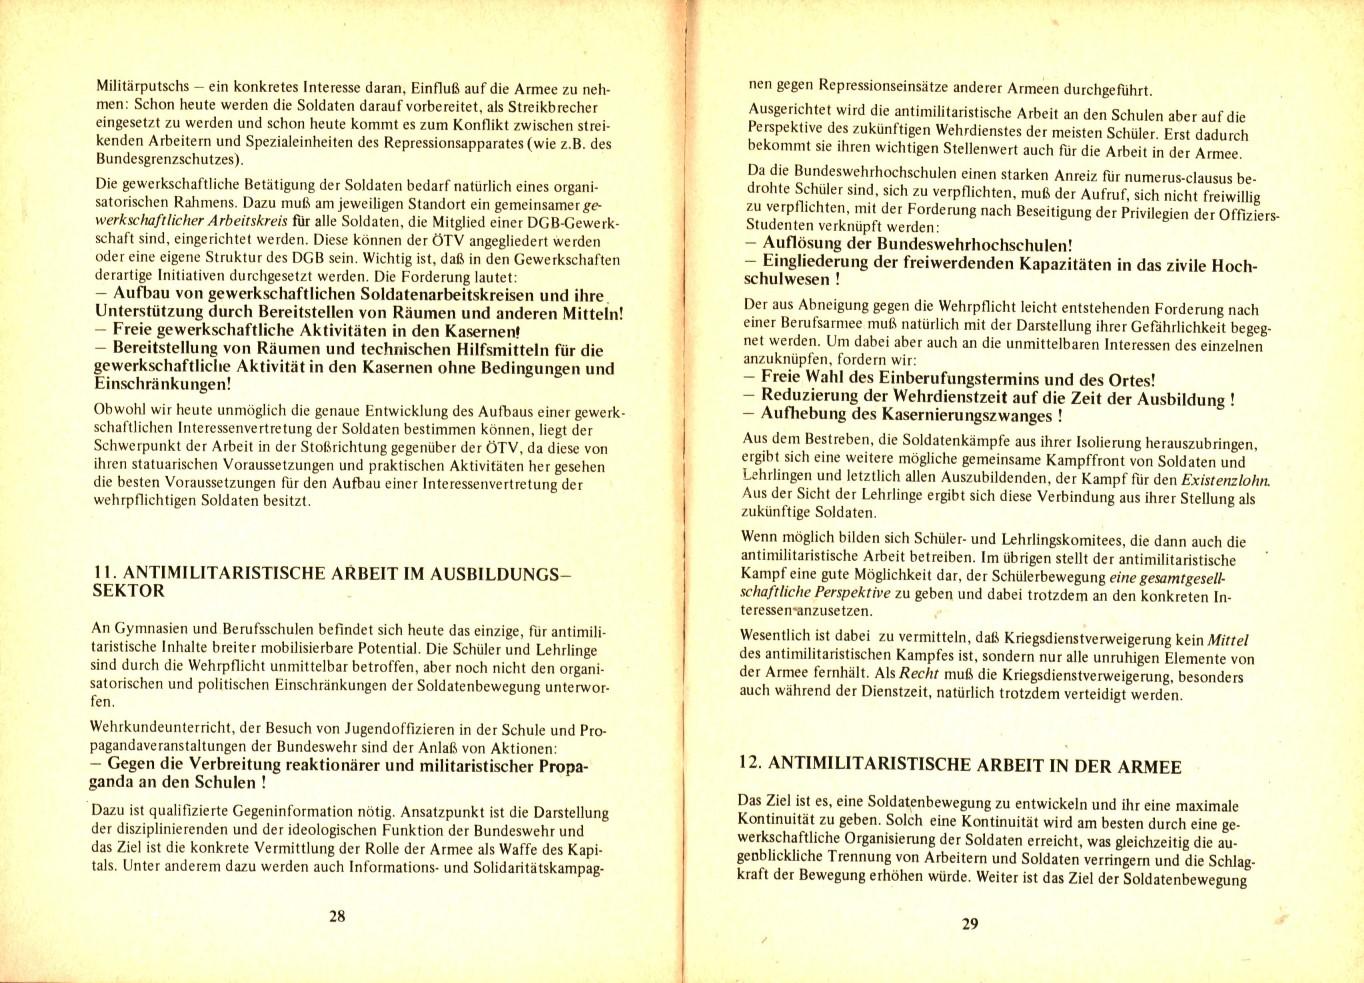 GIM_1976_Militaerpolitisches_Programm_16